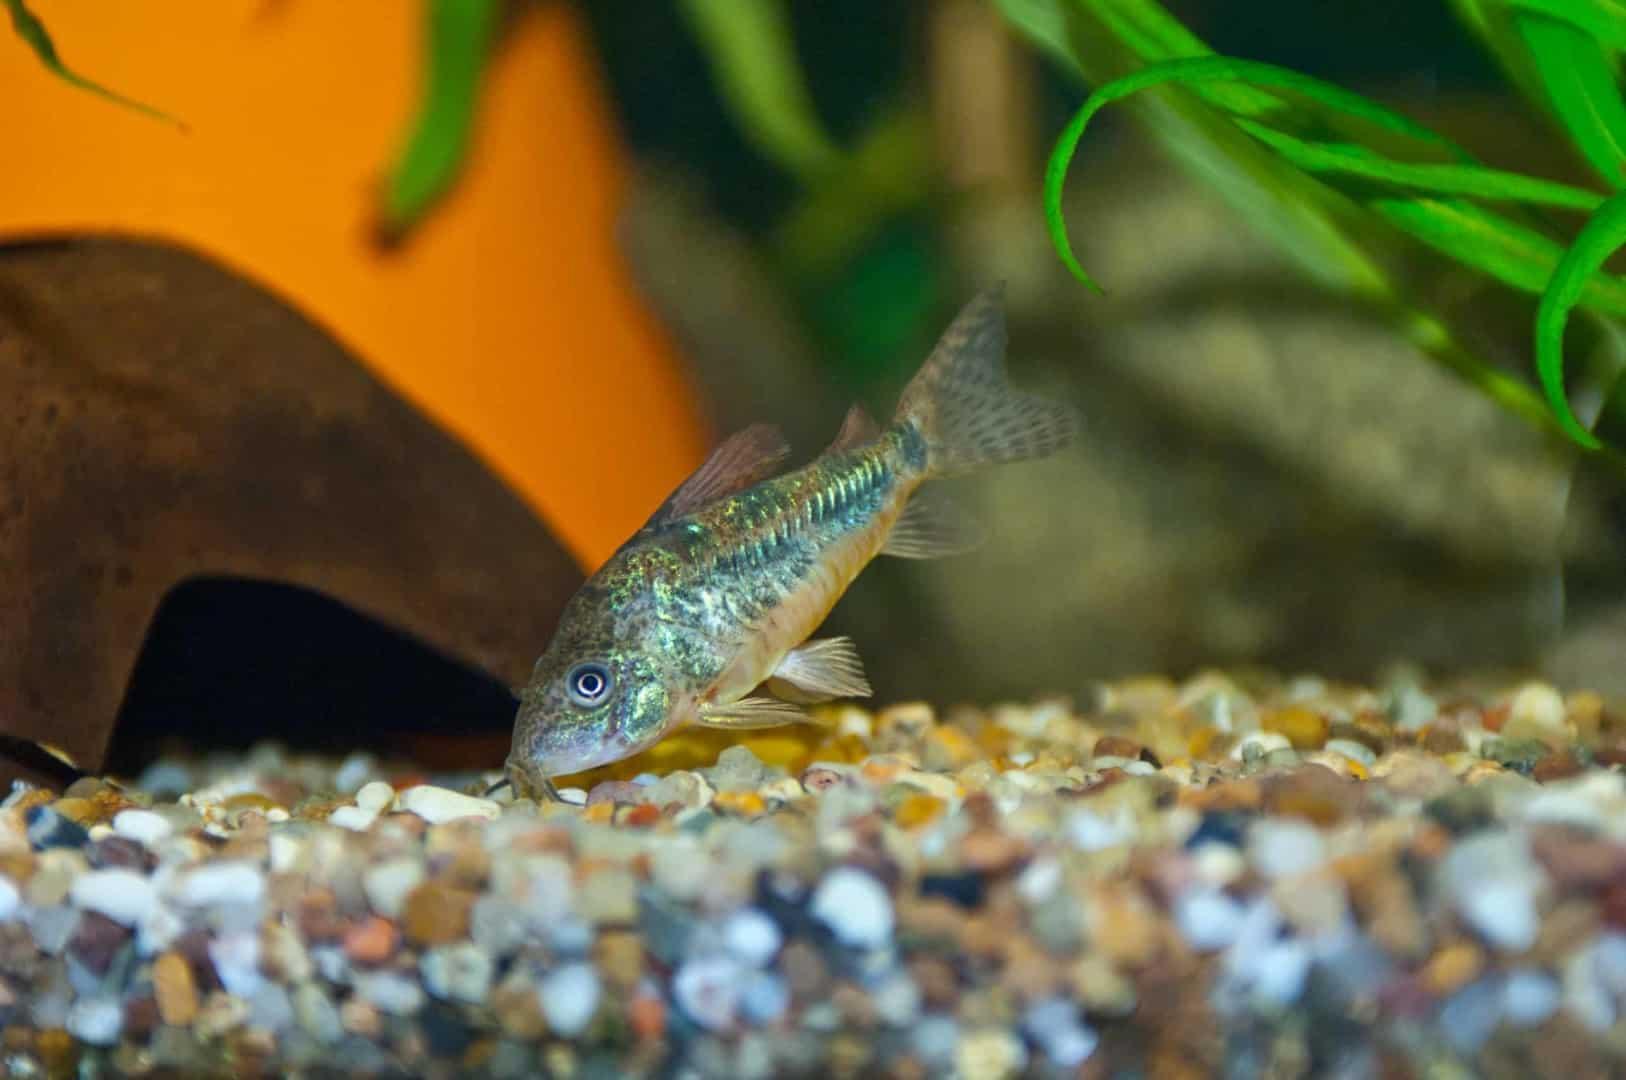 Kein Durchblick im Aquarium? Diese Putzer helfen bei Algenproblemen 2